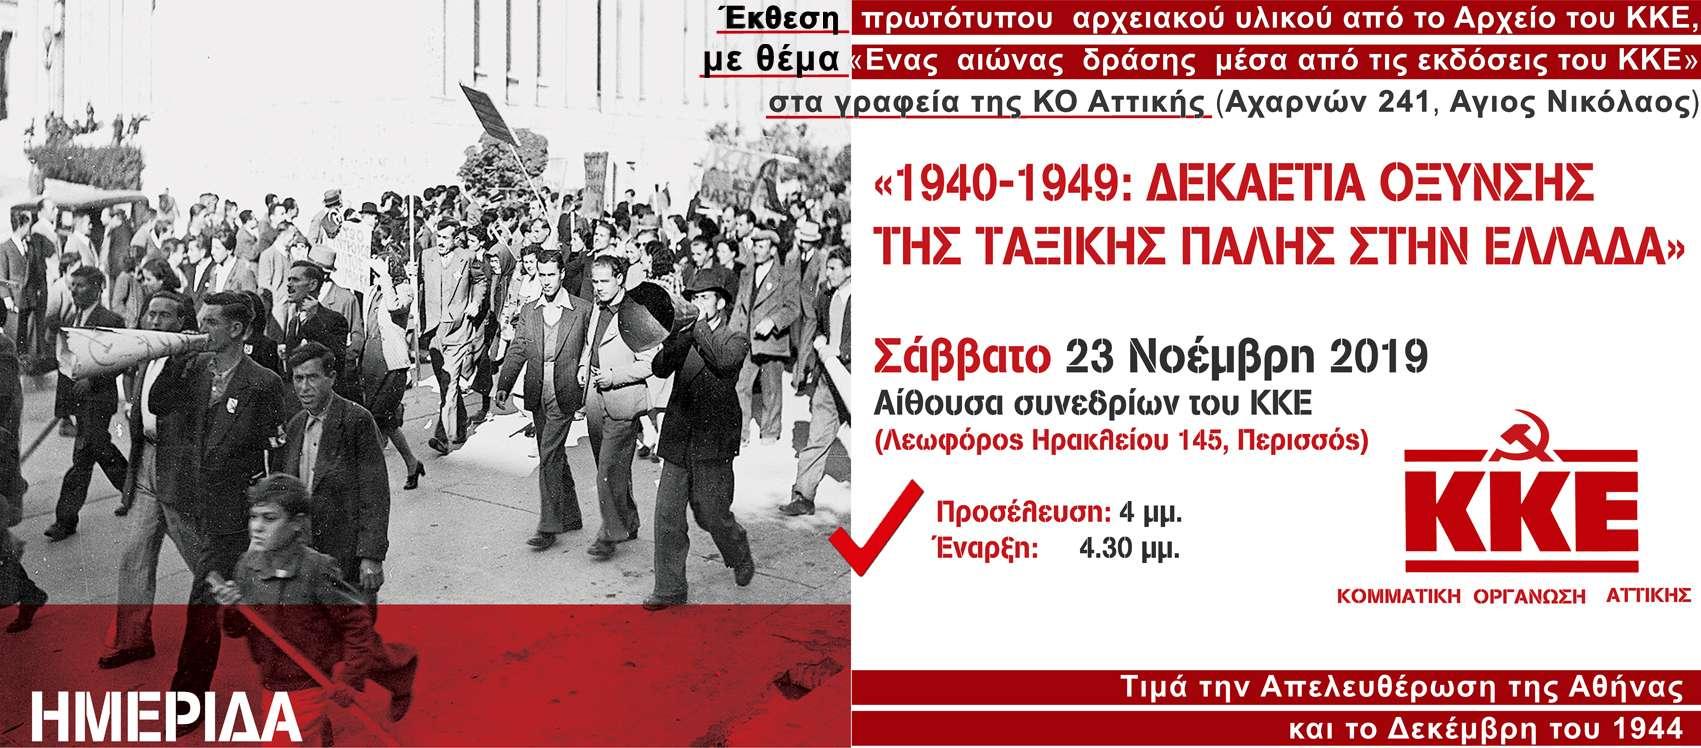 ΚΟ ΑΤΤΙΚΗΣ ΚΚΕ Τιμά Απελευθέρωση Αθήνας Δεκέμβρη 1944